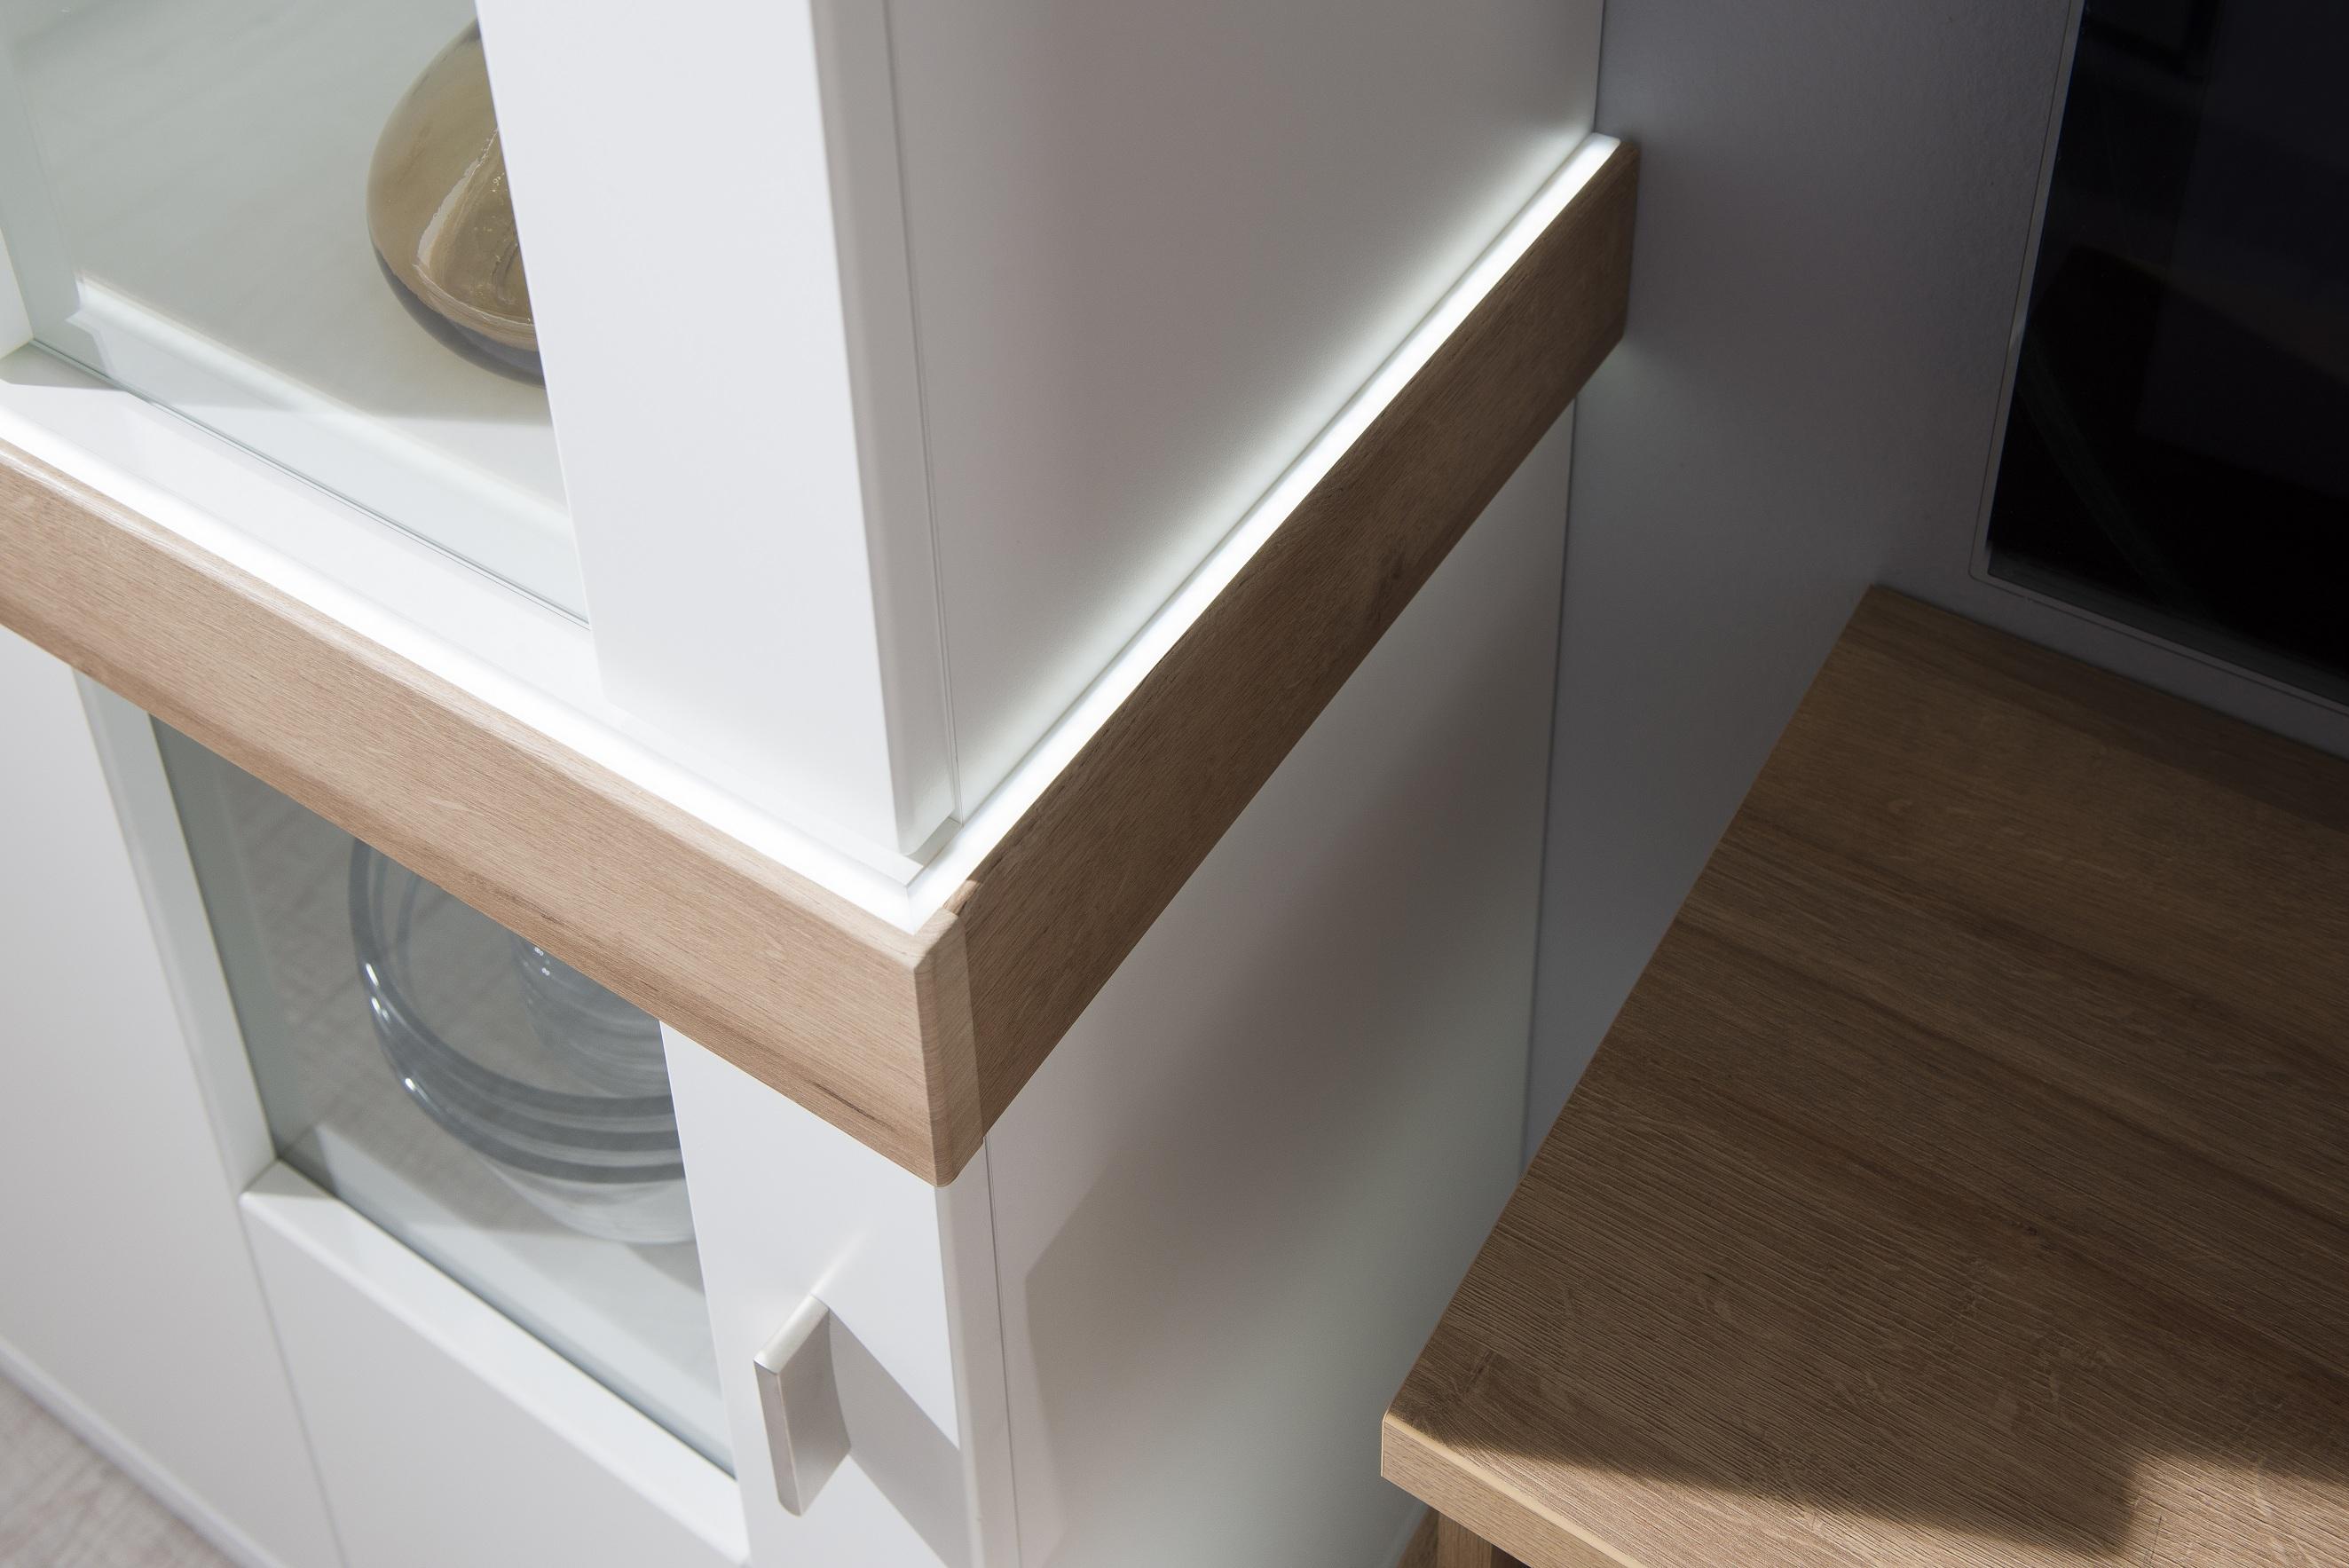 Integrovaný LED pás vo vitríne Albi